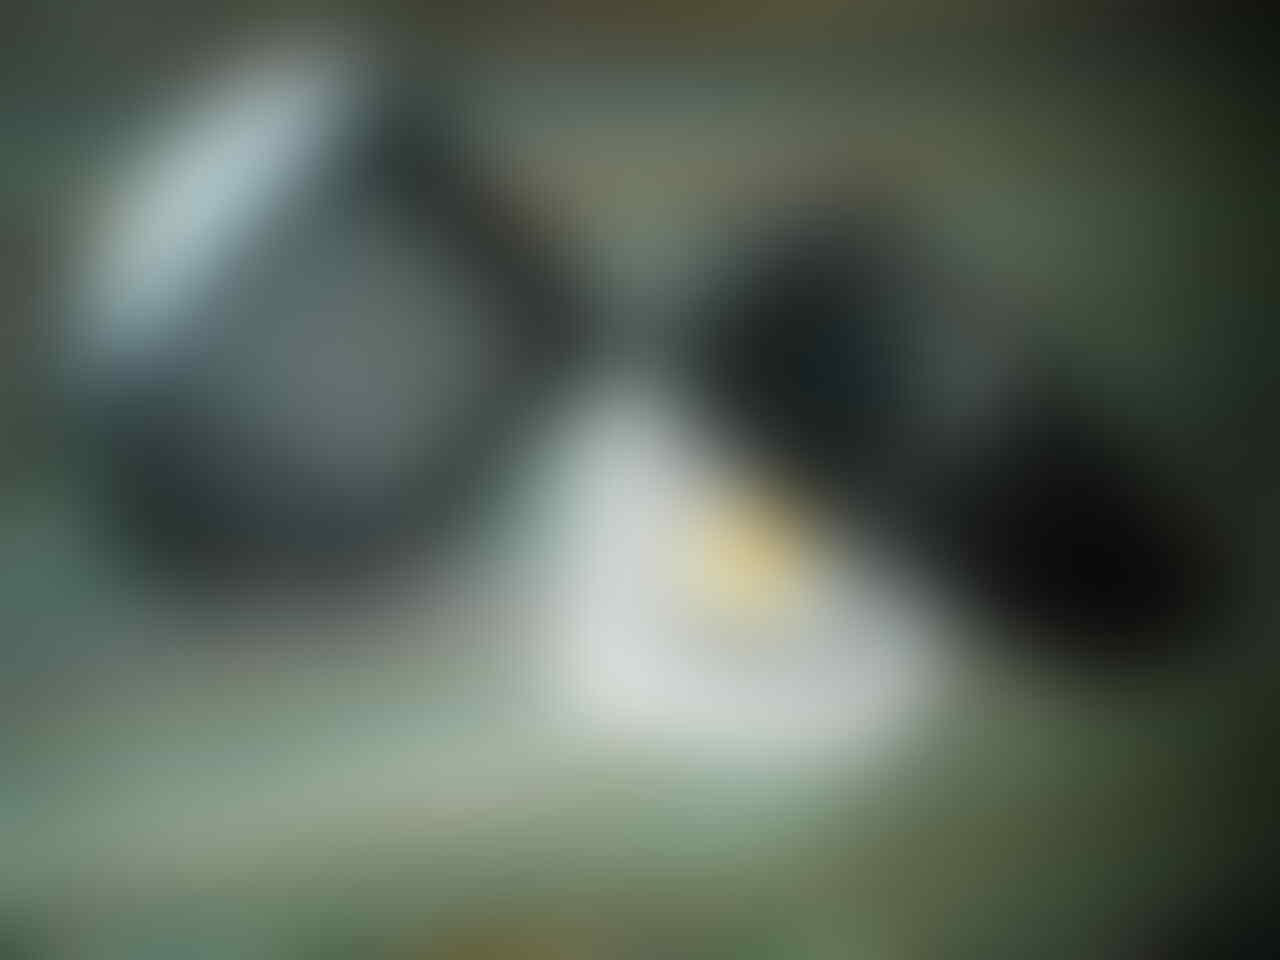 ipod nano 6th 8gb+iwatchz timepiece+lunatik